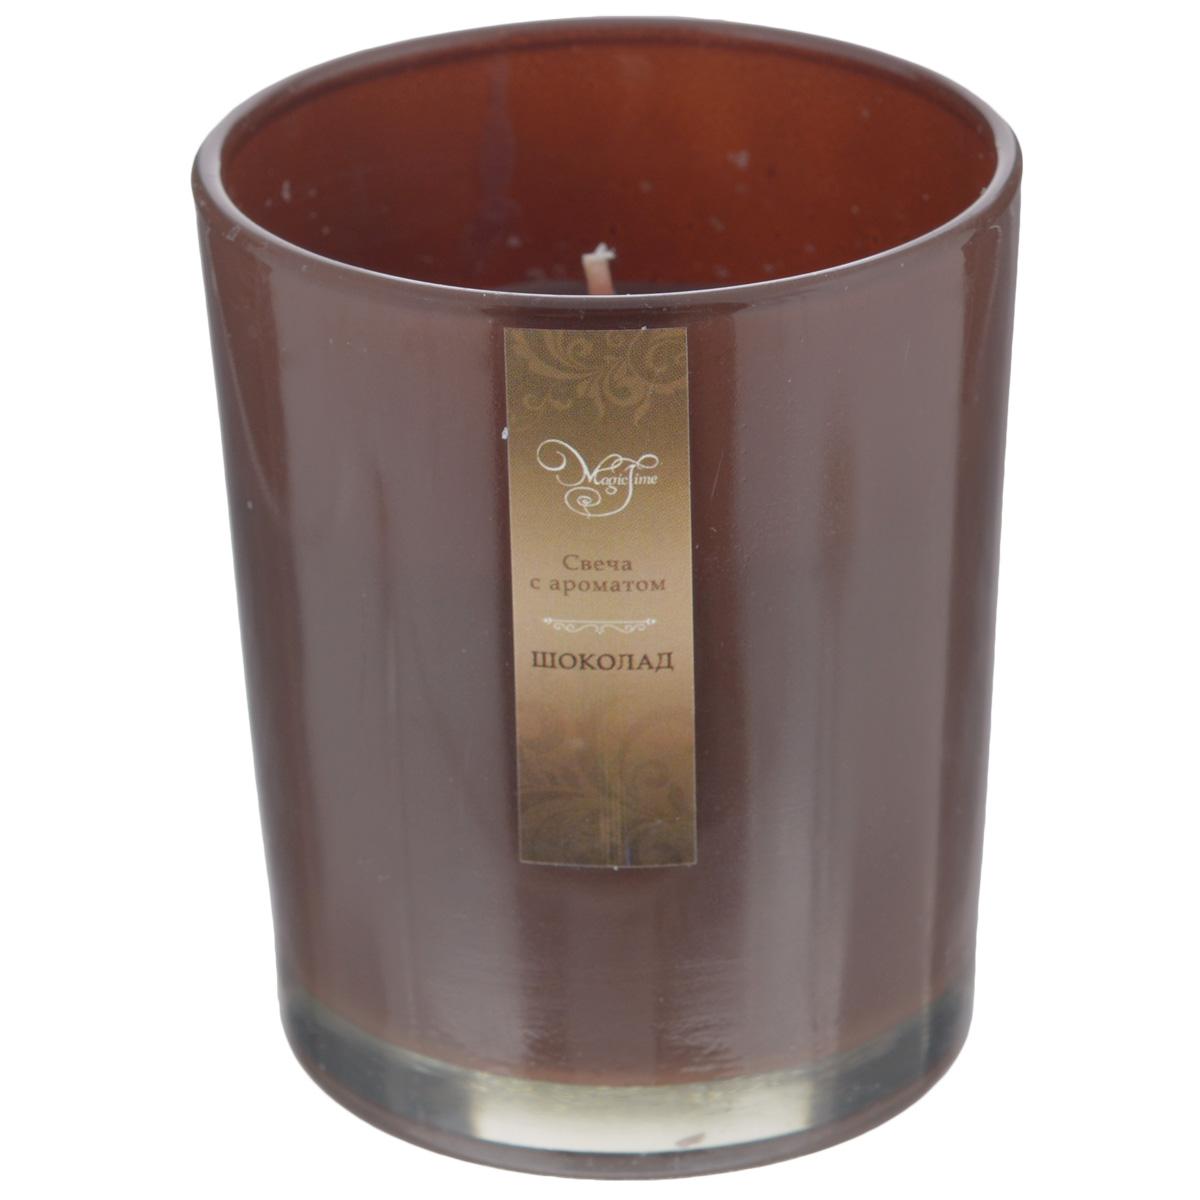 Свеча декоративная Феникс-презент Шоколад, ароматизированная32771Оригинальная ароматизированная свеча Феникс-презент Шоколад, изготовленная из парафина, помещена в стакан из матового стекла. Свеча наполнит вашу комнату приятным шоколадным ароматом и создаст в ней уютную атмосферу. Вы можете поставить свечу в любом месте, где она будет удачно смотреться и радовать глаз. Кроме того, эта свеча - отличный вариант подарка для ваших близких и друзей.